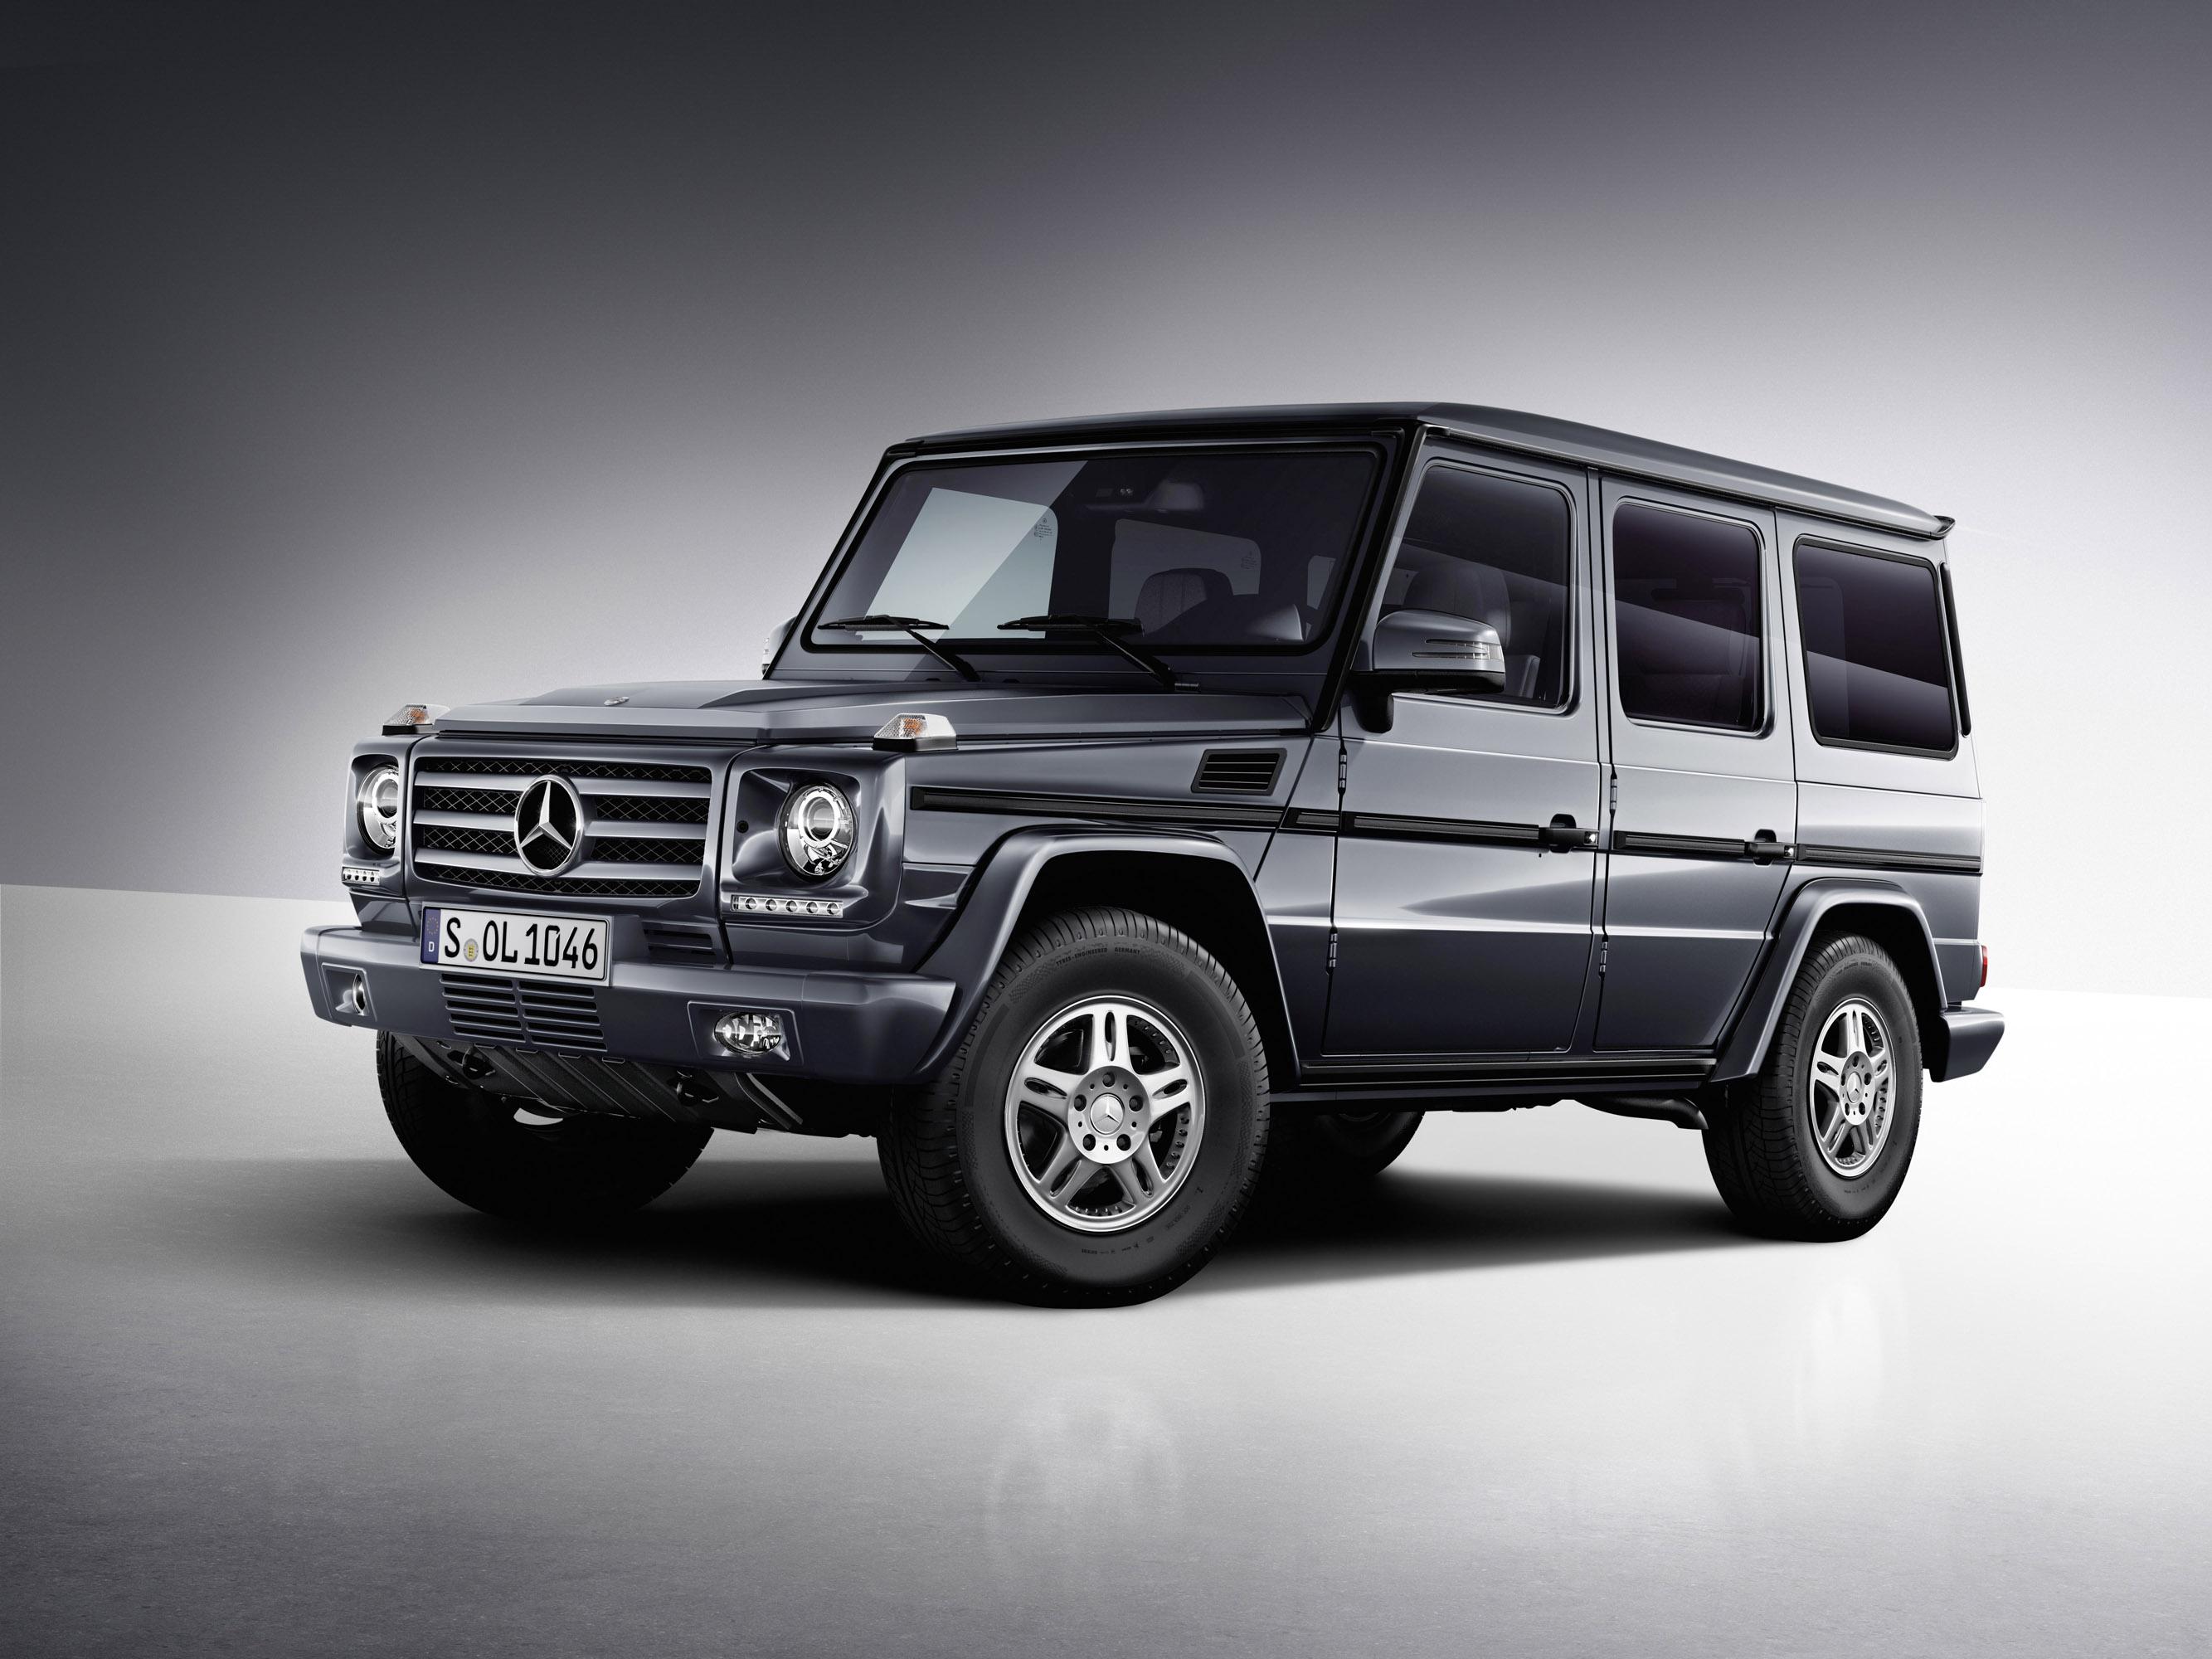 Mercedes-Benz G-Class photo #1